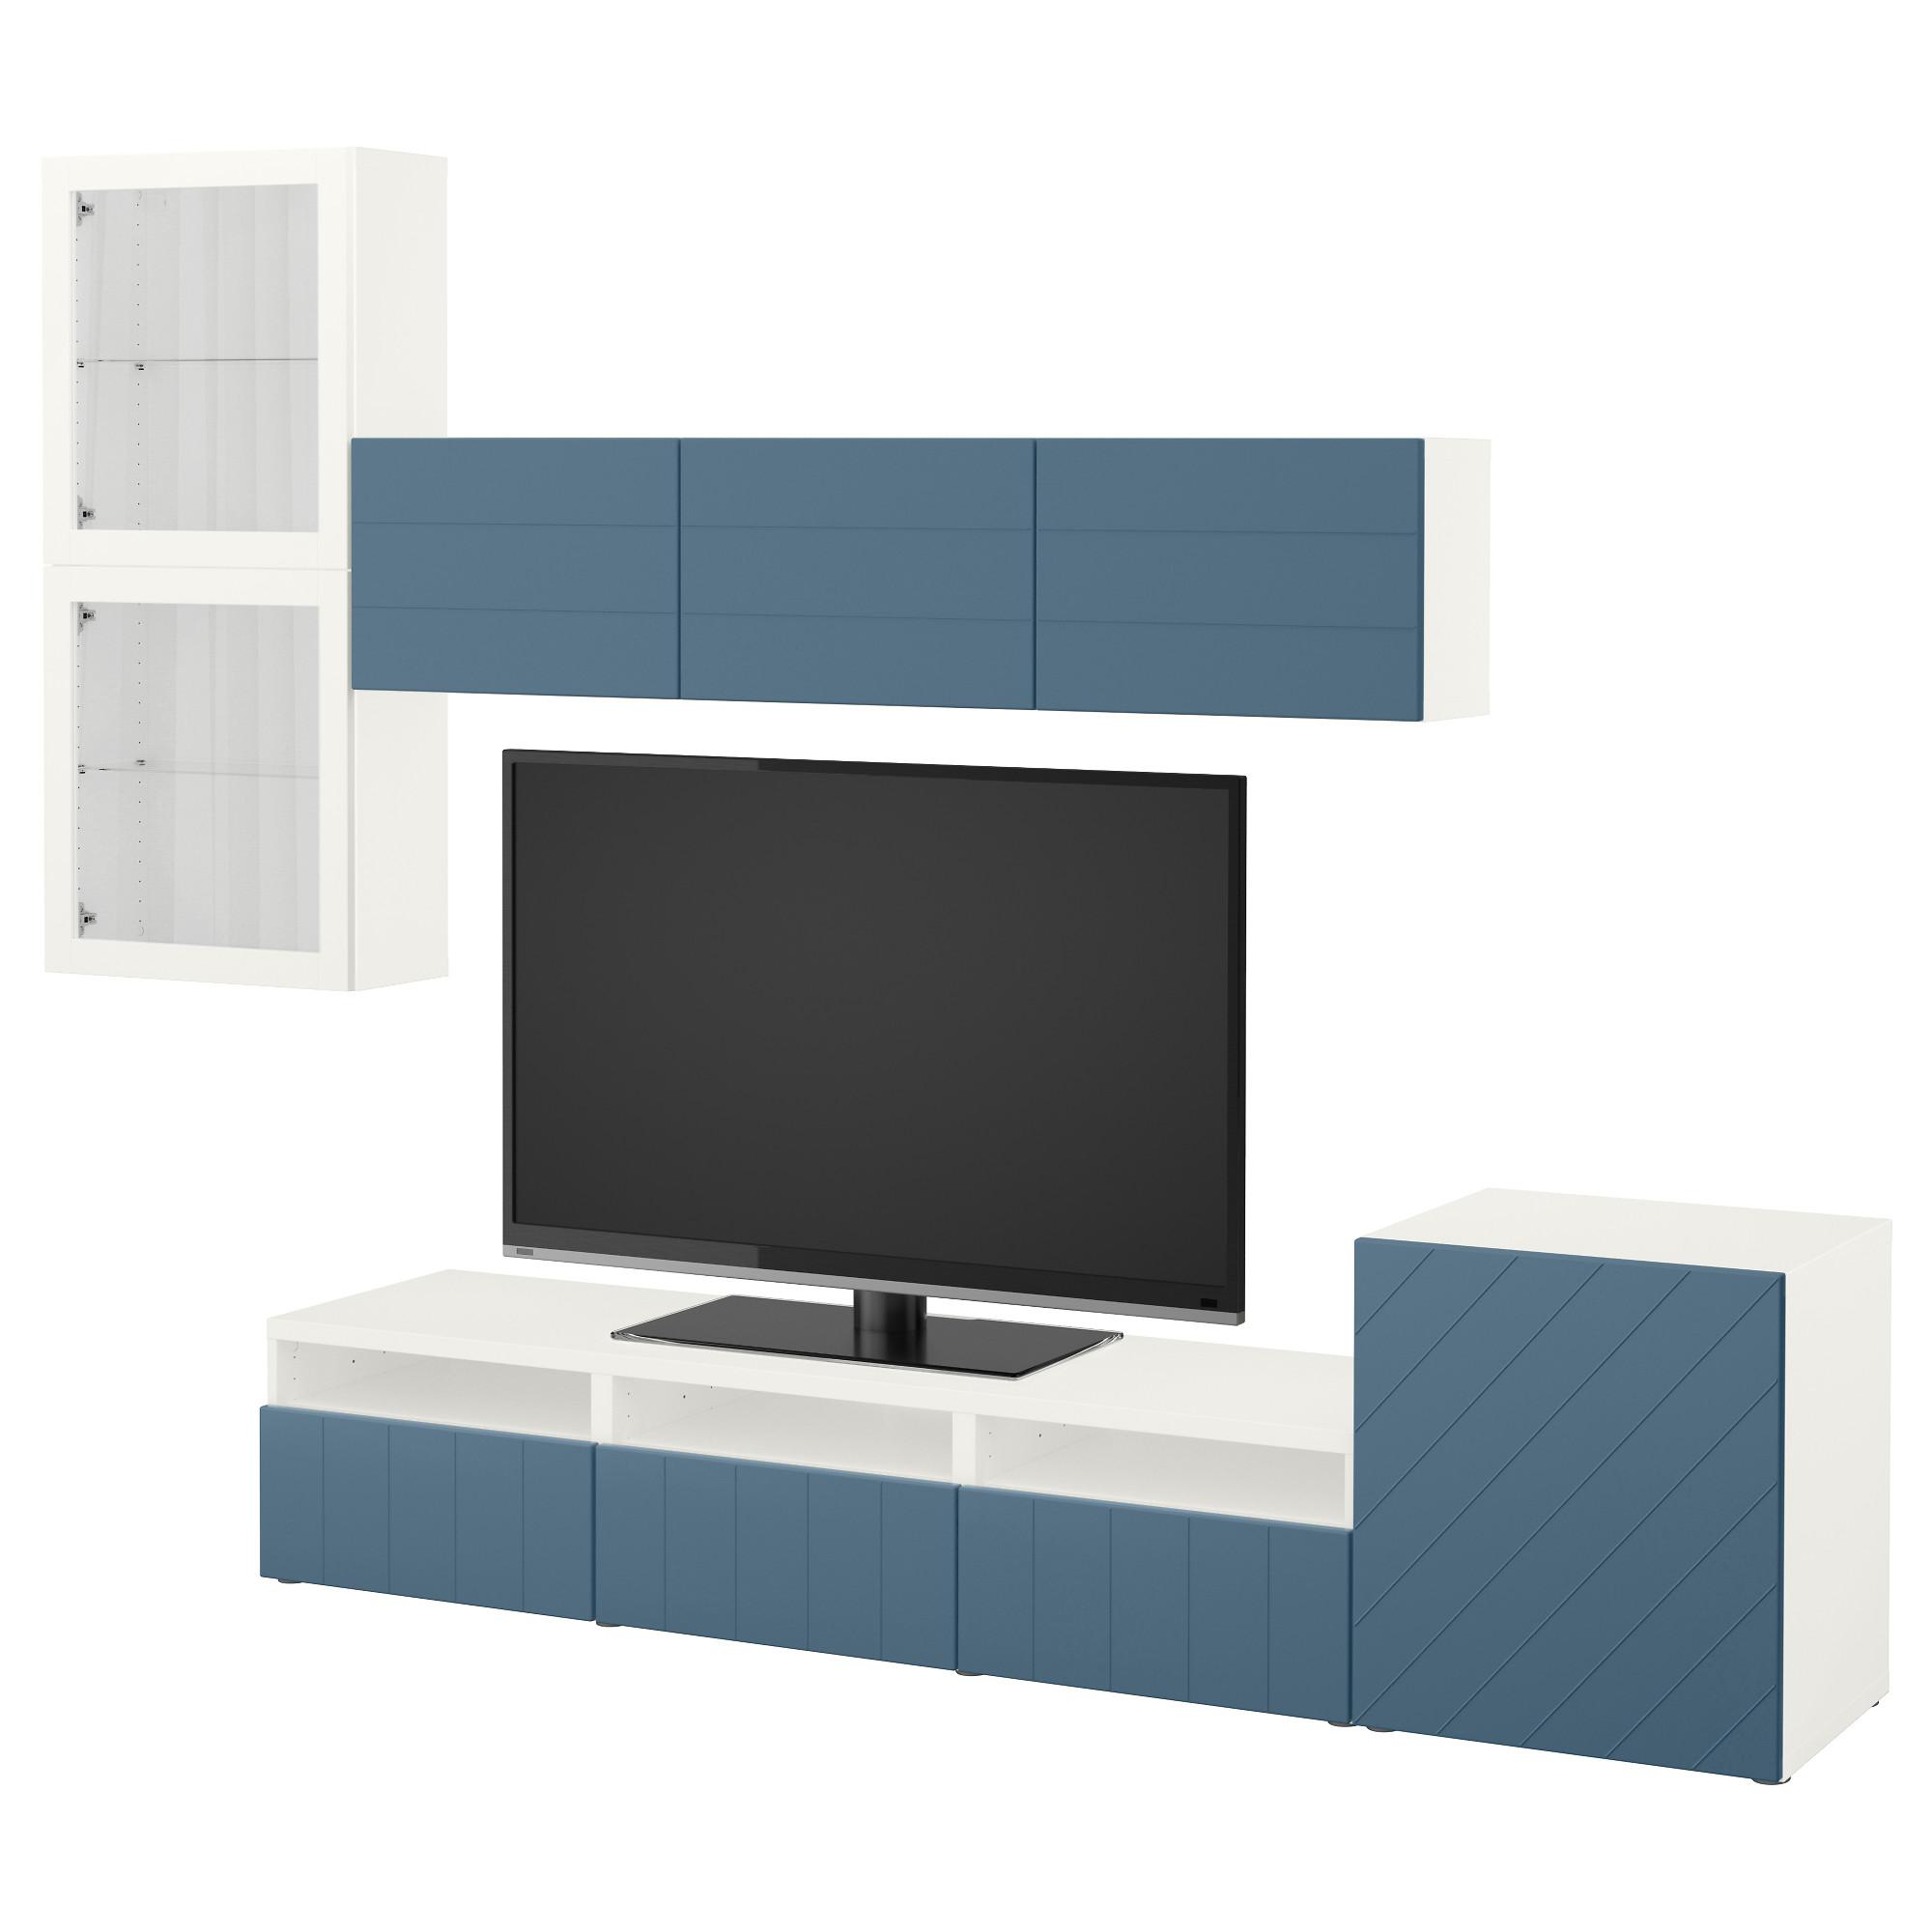 Шкаф для ТВ, комбинированный, стекляные дверцы БЕСТО артикуль № 792.761.33 в наличии. Интернет сайт ИКЕА РБ. Быстрая доставка и монтаж.